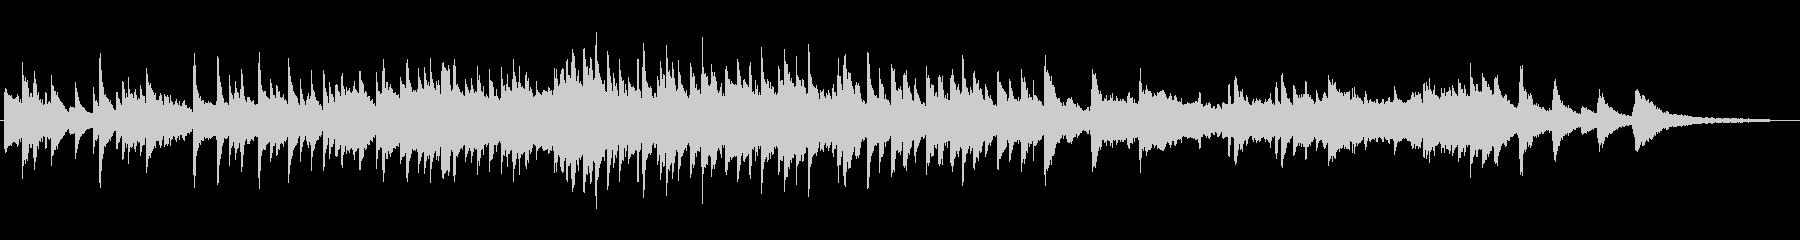 ヒーリング系のピアノソロ(柔らかい音色の未再生の波形